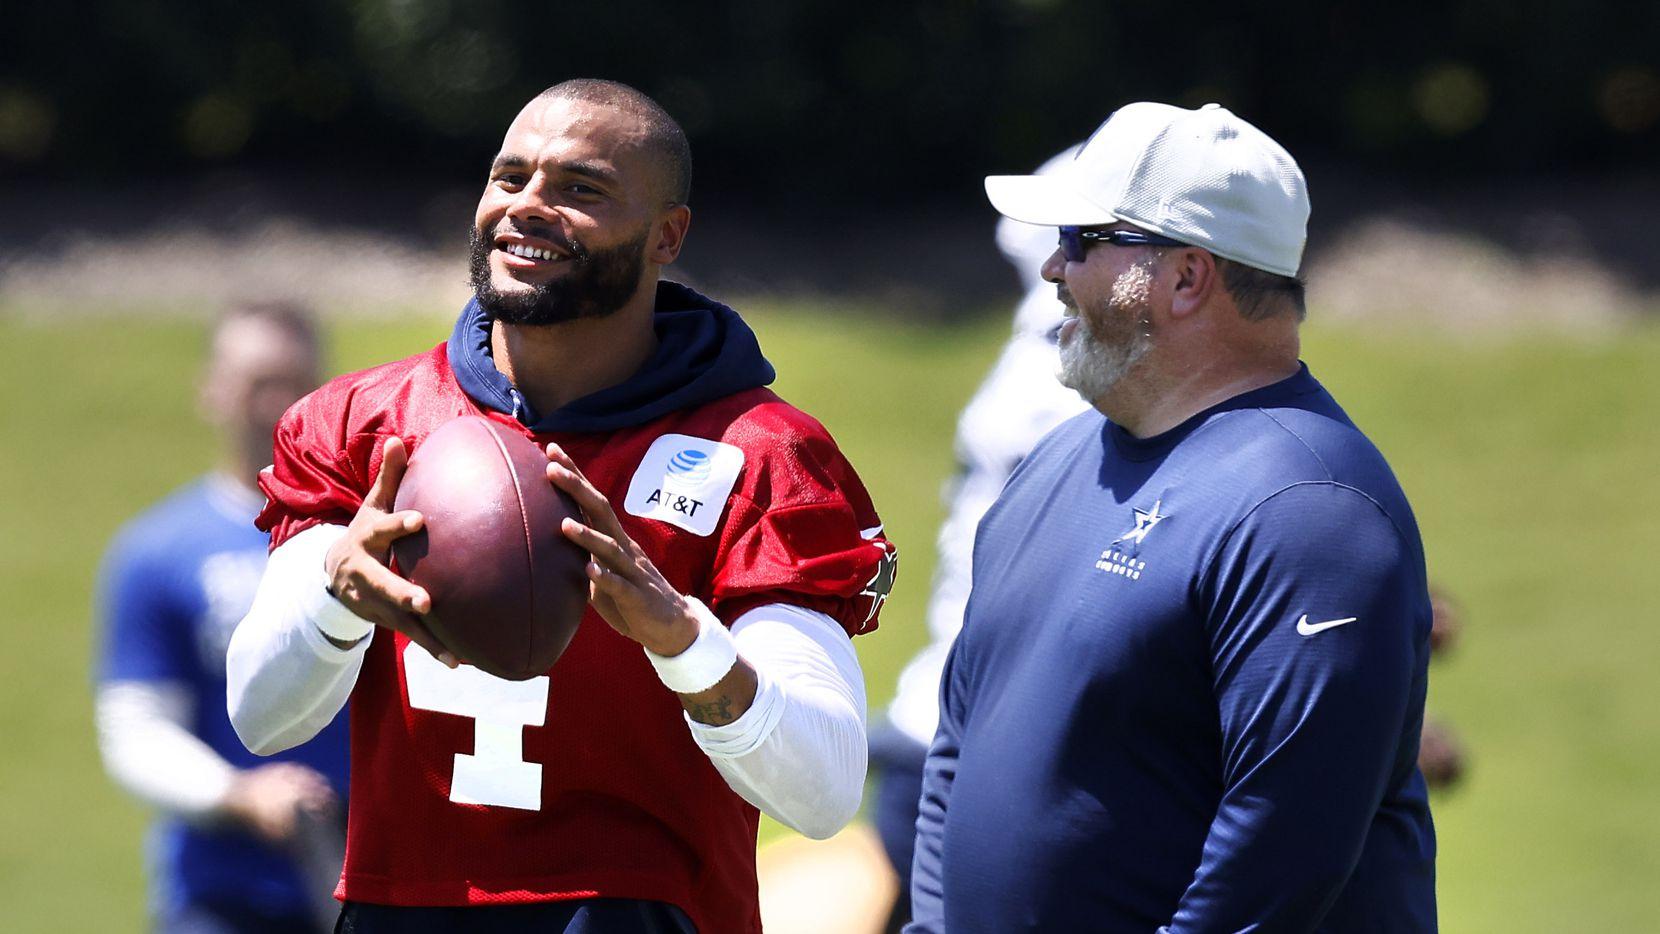 El entrenador en jefe de los Cowboys de Dallas, Mike McCarthy, y el mariscal de campo Dak Prescott,  se ríen después de una práctica en The Star en Frisco, el miércoles 25 de agosto de 2021 (Tom Fox / The Dallas Morning News).